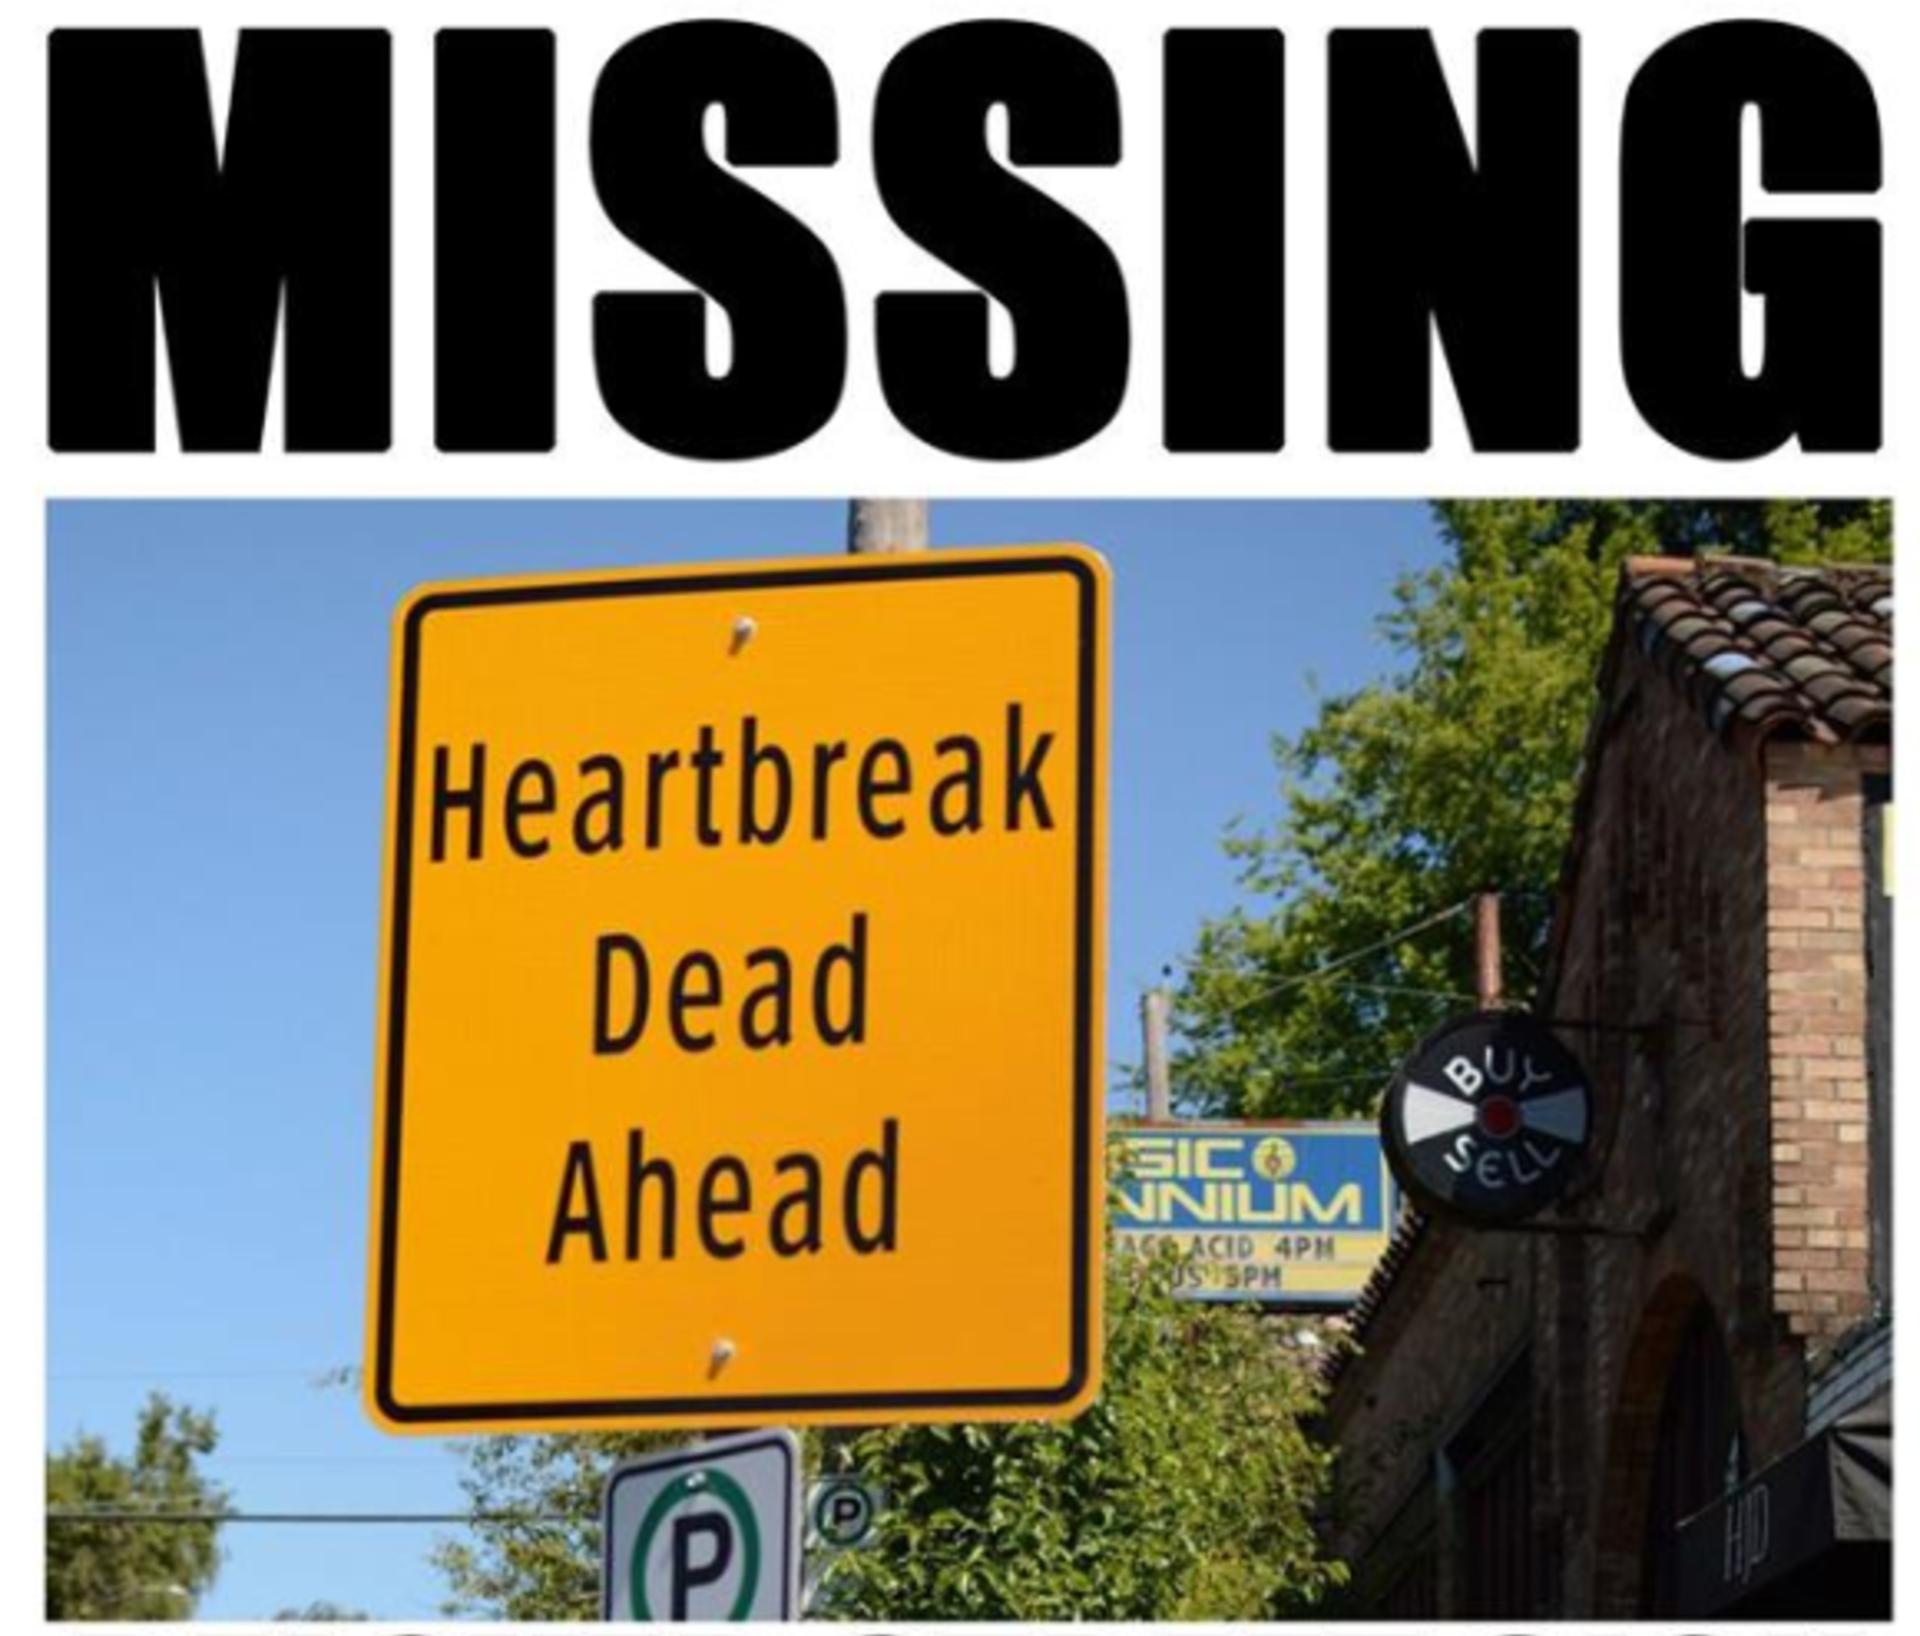 """Music Millennium's """"Heartbreak Dead Ahead"""" Street Sign Has Gone Missing"""